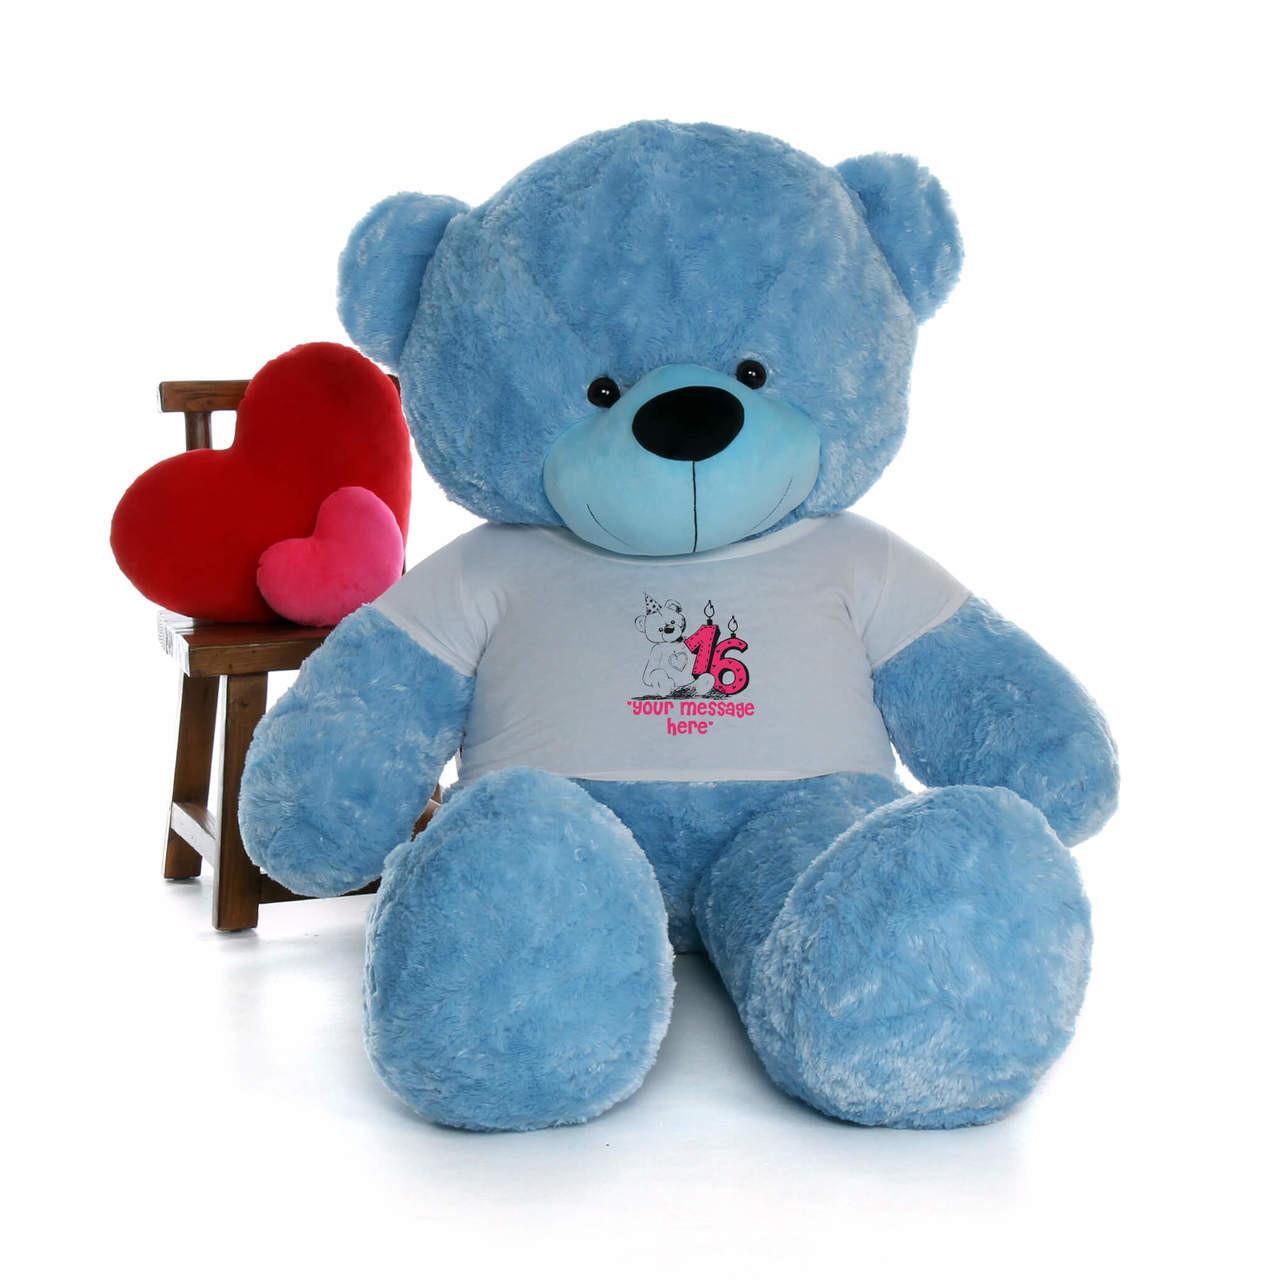 72in Blue Happy Cuddles Make a Wish Personalized Birthday Teddy Bear